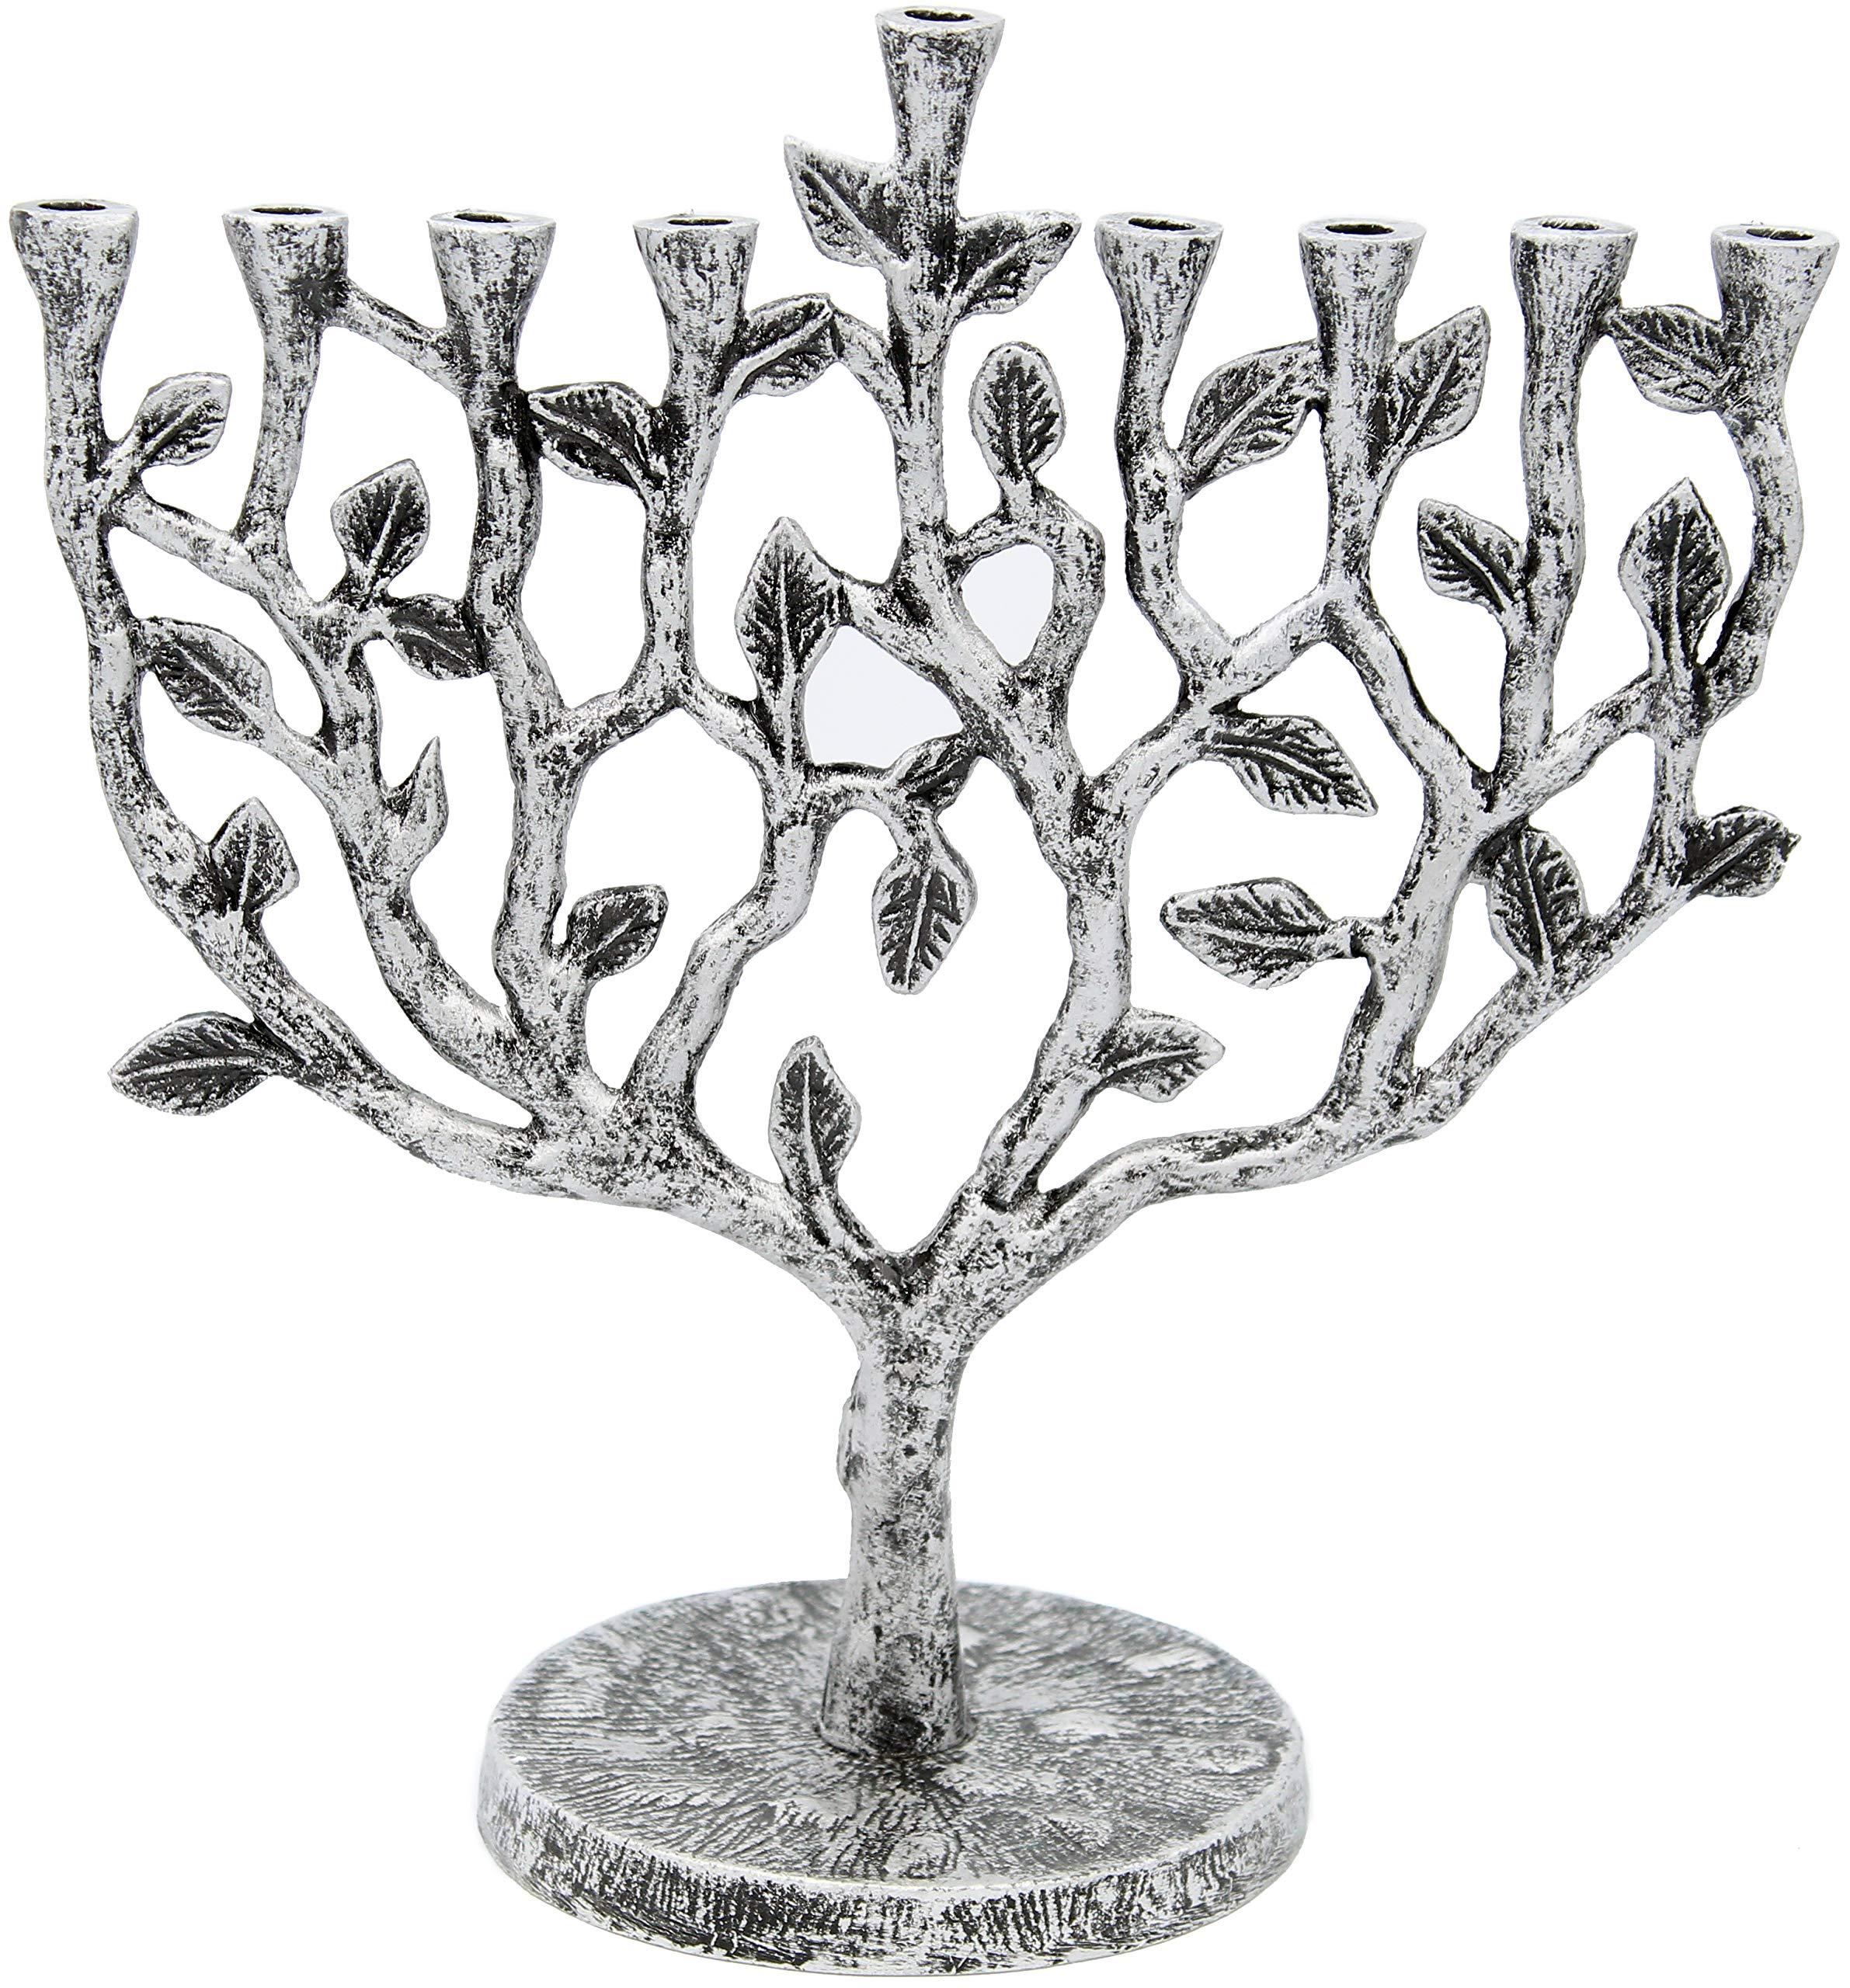 Hanukkah Menorah Tree of Life Antique Silver Finish by The Dreidel Company